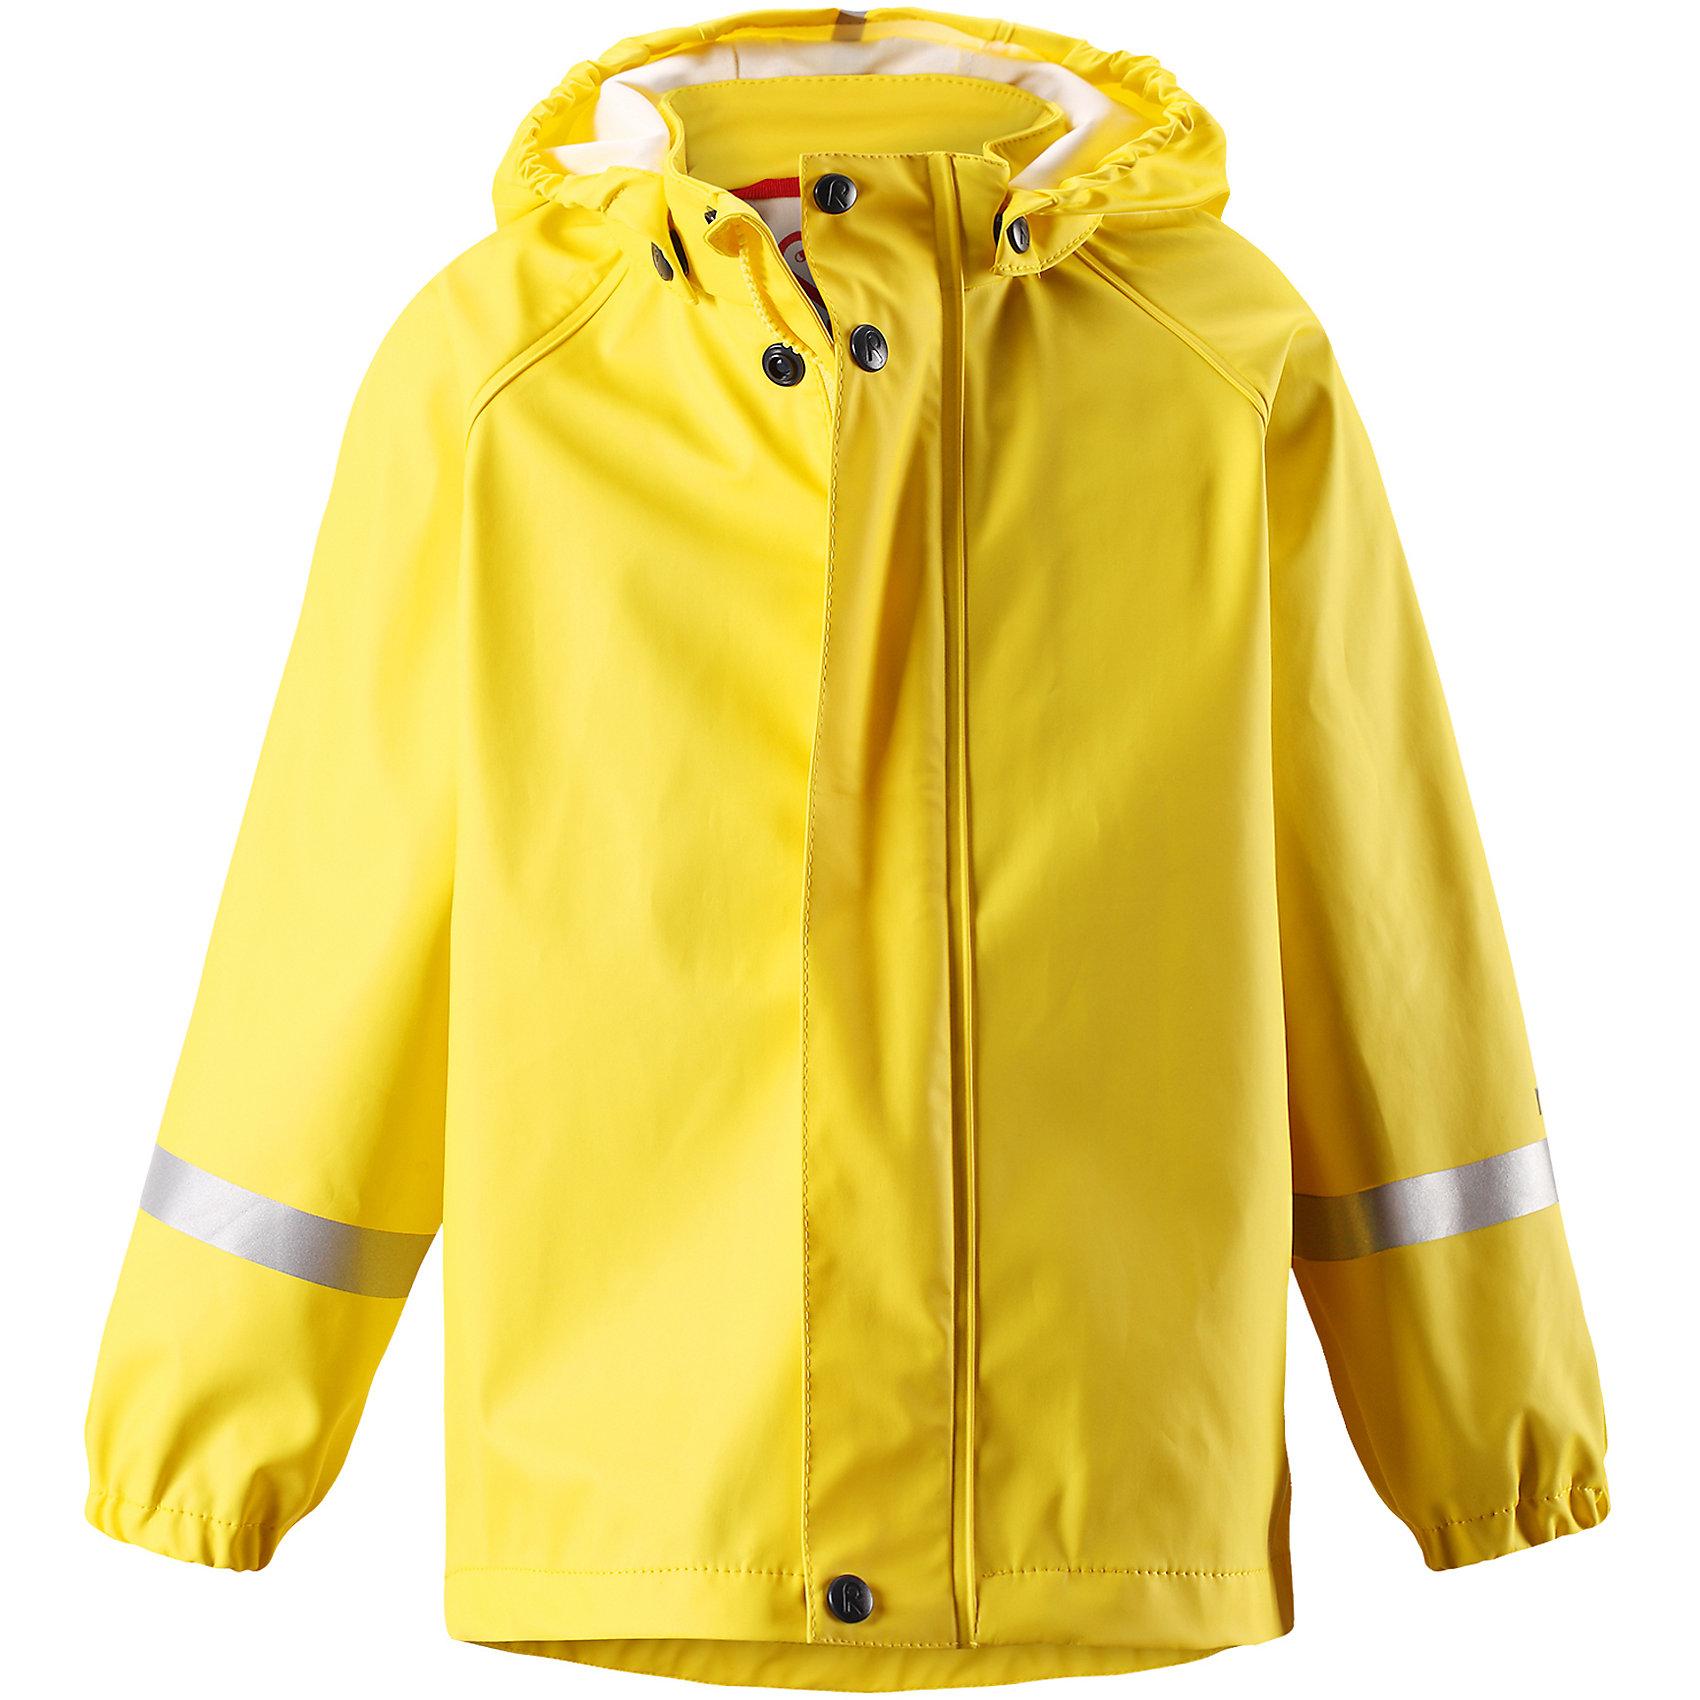 Плащ-дождевик Lampi ReimaОдежда<br>Характеристики товара:<br><br>• цвет: желтый<br>• состав: 100% полиэстер, полиуретановое покрытие<br>• водонепроницаемость: 10000 мм<br>• температурный режим: от +10° до +20°С<br>• без утеплителя<br>• водонепроницаемый материал с запаянными швами<br>• эластичный материал<br>• не сожержит ПВХ<br>• безопасный съёмный капюшон<br>• спереди застегивается на молнию<br>• светоотражающие детали<br>• эластичные манжеты<br>• комфортная посадка<br>• страна производства: Китай<br>• страна бренда: Финляндия<br>• коллекция: весна-лето 2017<br><br>Верхняя одежда для детей может быть модной и комфортной одновременно! Легкий плащ поможет обеспечить ребенку комфорт и тепло. Он отлично смотрится с различной одеждой и обувью. Изделие удобно сидит и модно выглядит. Материал - прочный, хорошо подходящий для дождливой погоды. Стильный дизайн разрабатывался специально для детей.<br><br>Одежда и обувь от финского бренда Reima пользуется популярностью во многих странах. Эти изделия стильные, качественные и удобные. Для производства продукции используются только безопасные, проверенные материалы и фурнитура. Порадуйте ребенка модными и красивыми вещами от Reima! <br><br>Плащ от финского бренда Reima (Рейма) можно купить в нашем интернет-магазине.<br><br>Ширина мм: 356<br>Глубина мм: 10<br>Высота мм: 245<br>Вес г: 519<br>Цвет: желтый<br>Возраст от месяцев: 108<br>Возраст до месяцев: 120<br>Пол: Унисекс<br>Возраст: Детский<br>Размер: 140,98,86,92,104,110,116,122,128,134<br>SKU: 5270498